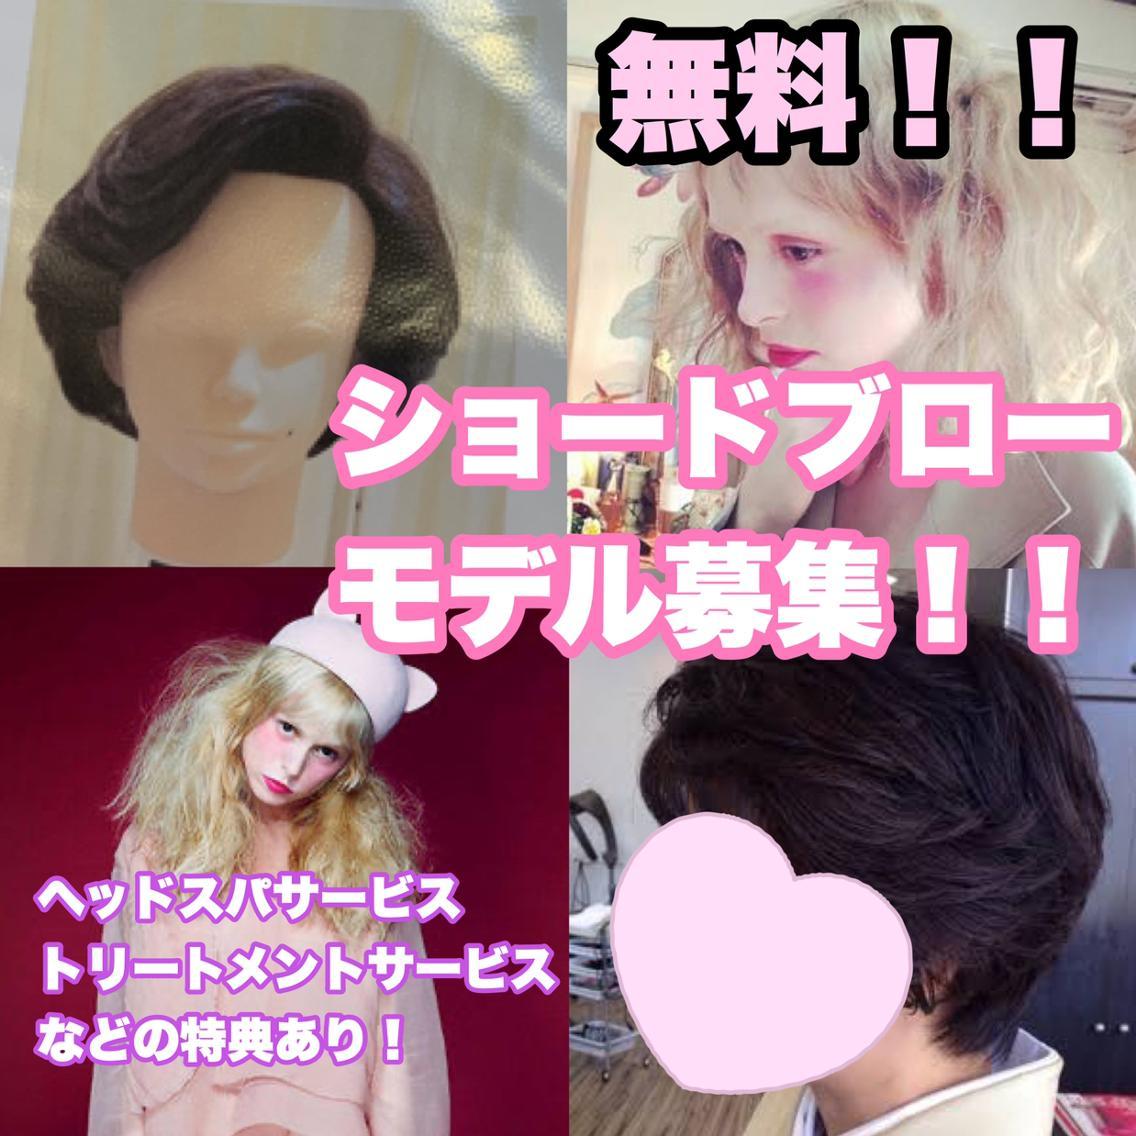 vi-ta所属・本坂彩音の掲載